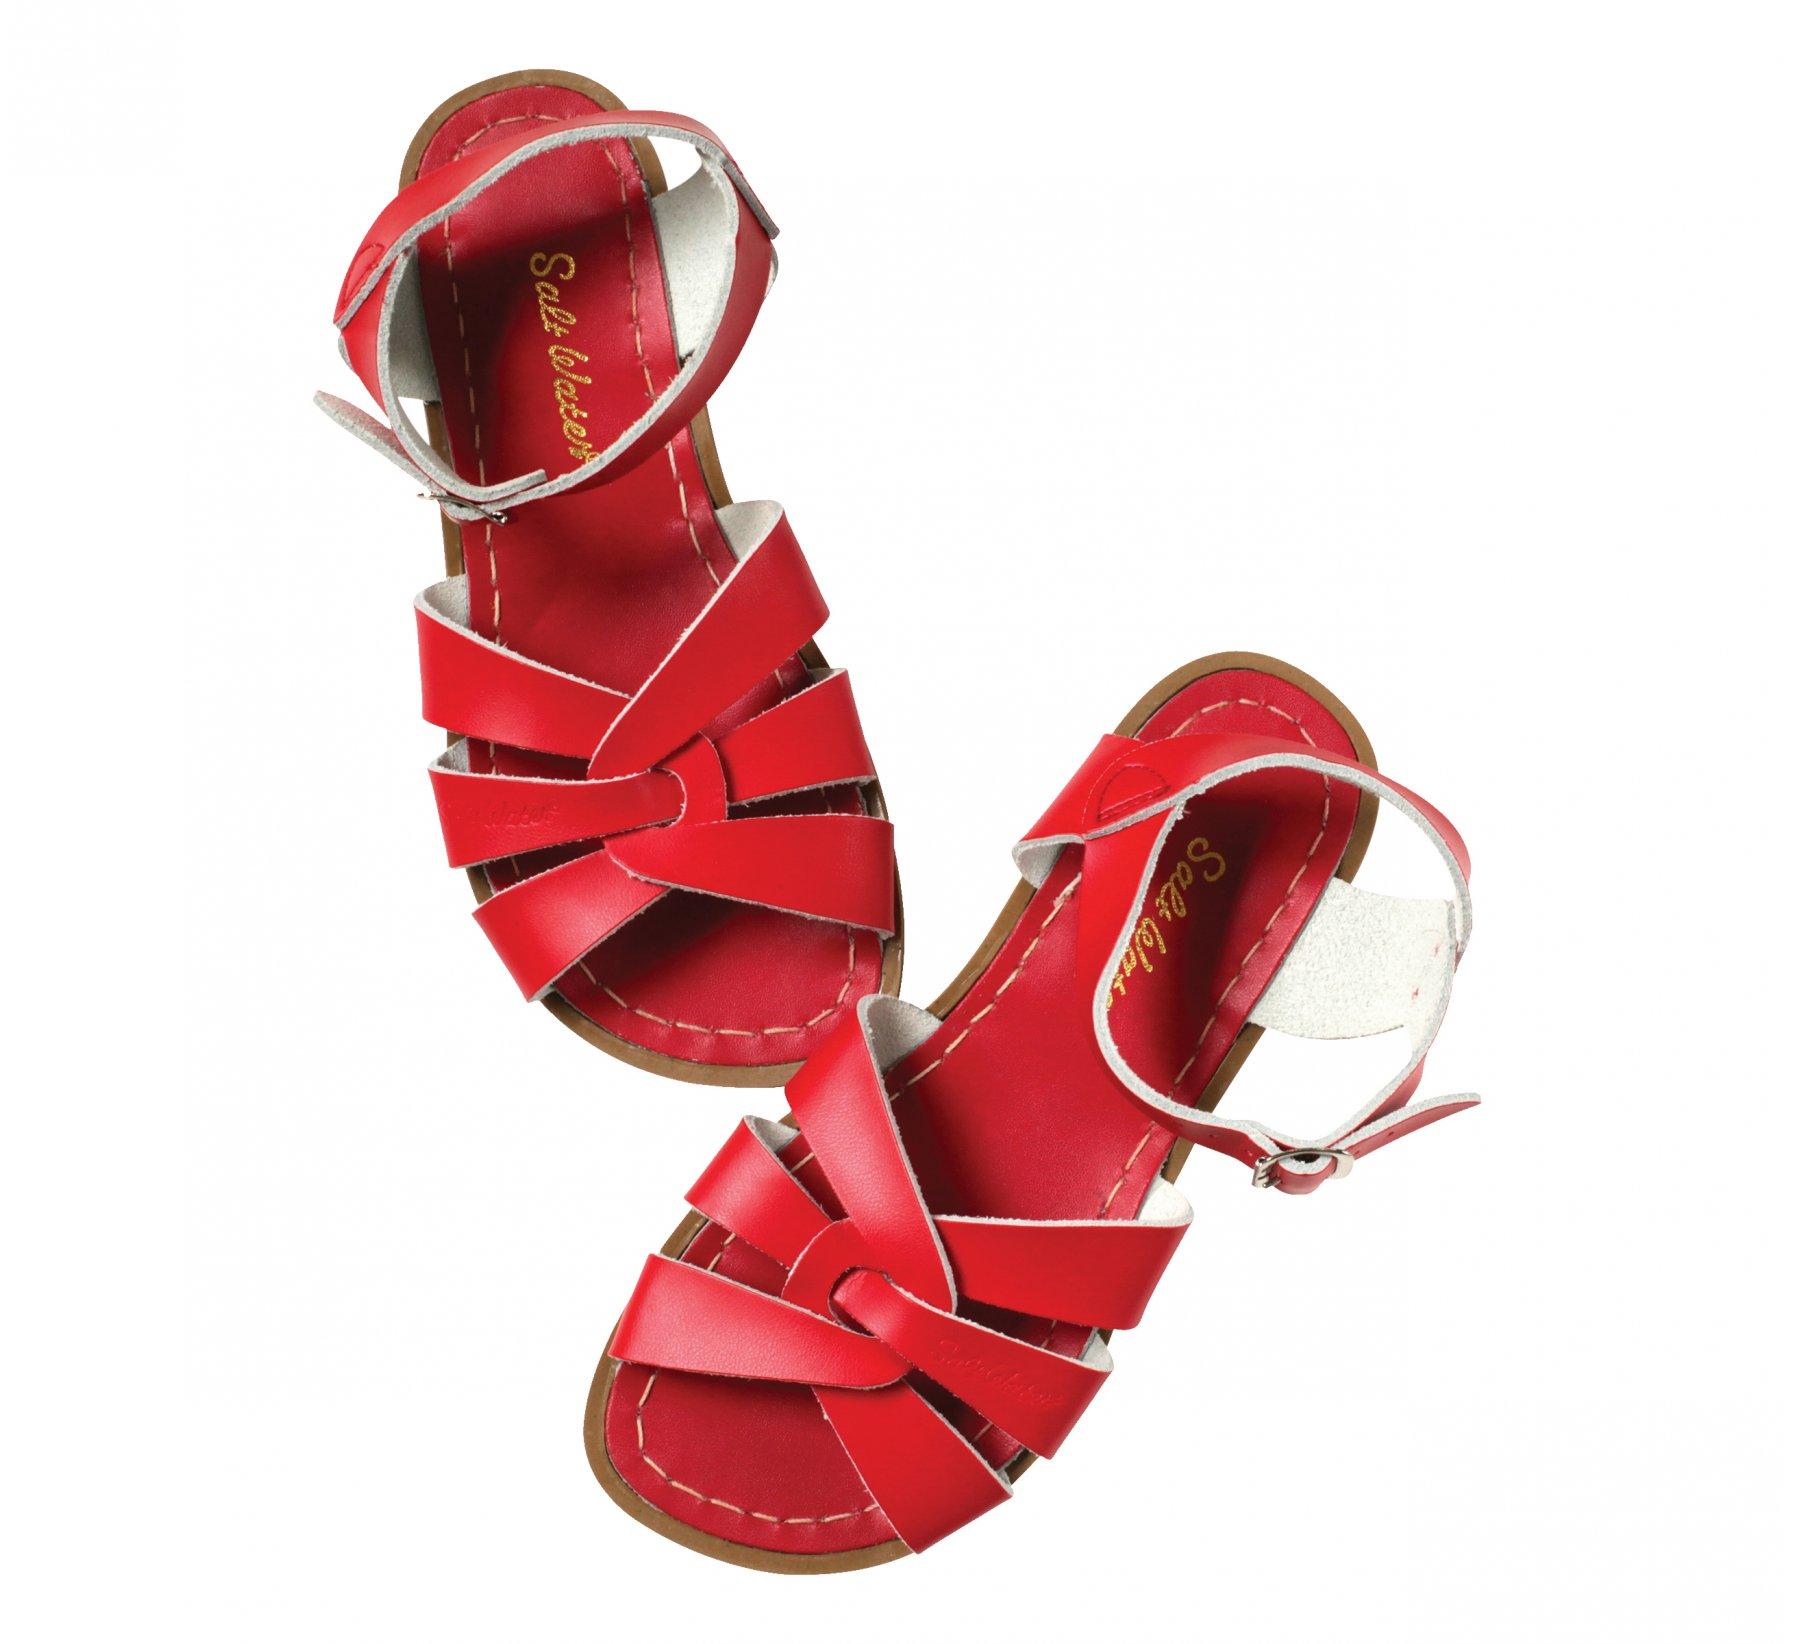 Original Merah - Salt Water Sandals